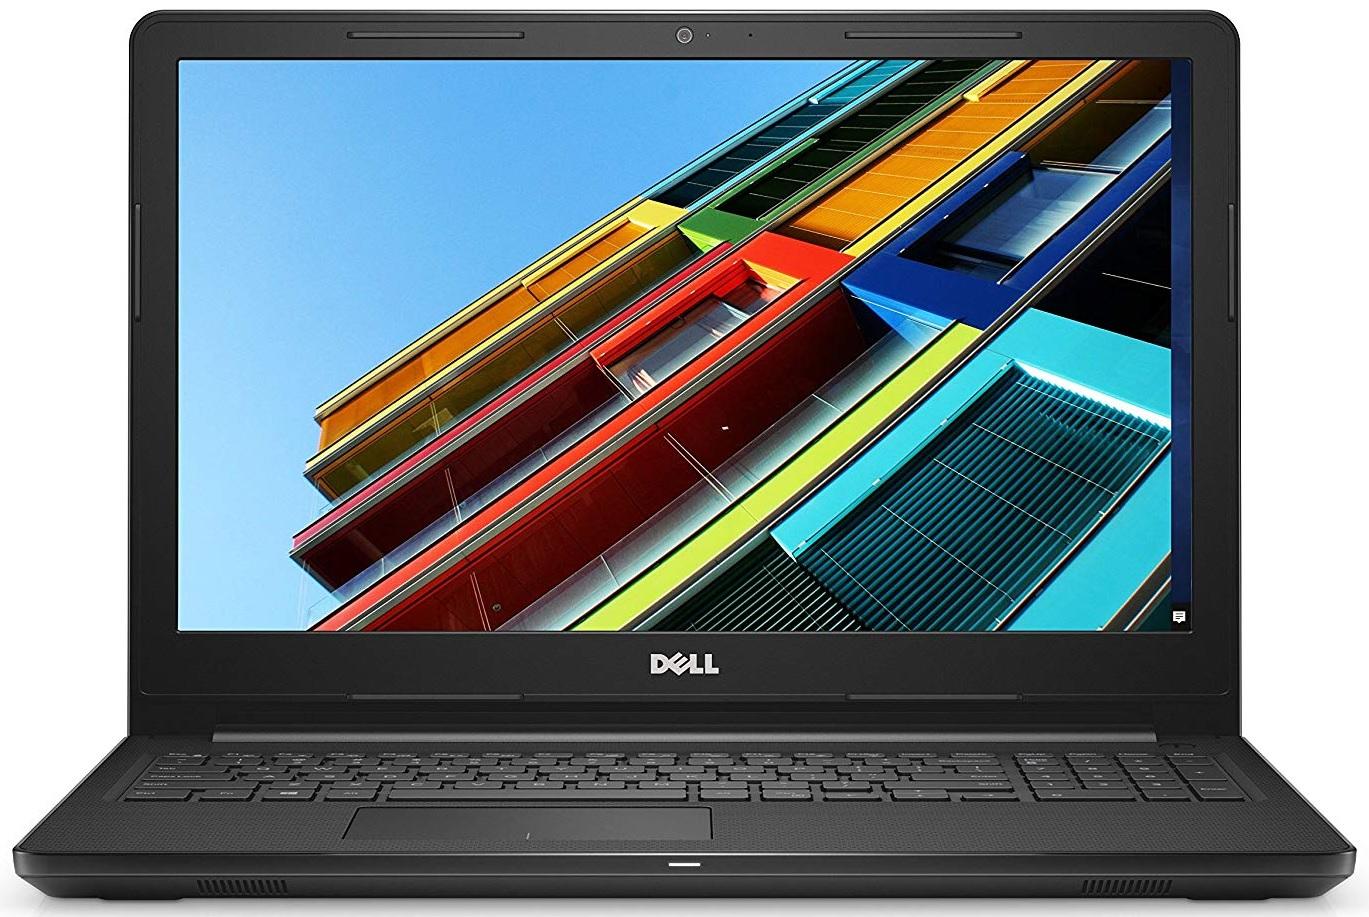 Dell Inspiron 15-3000